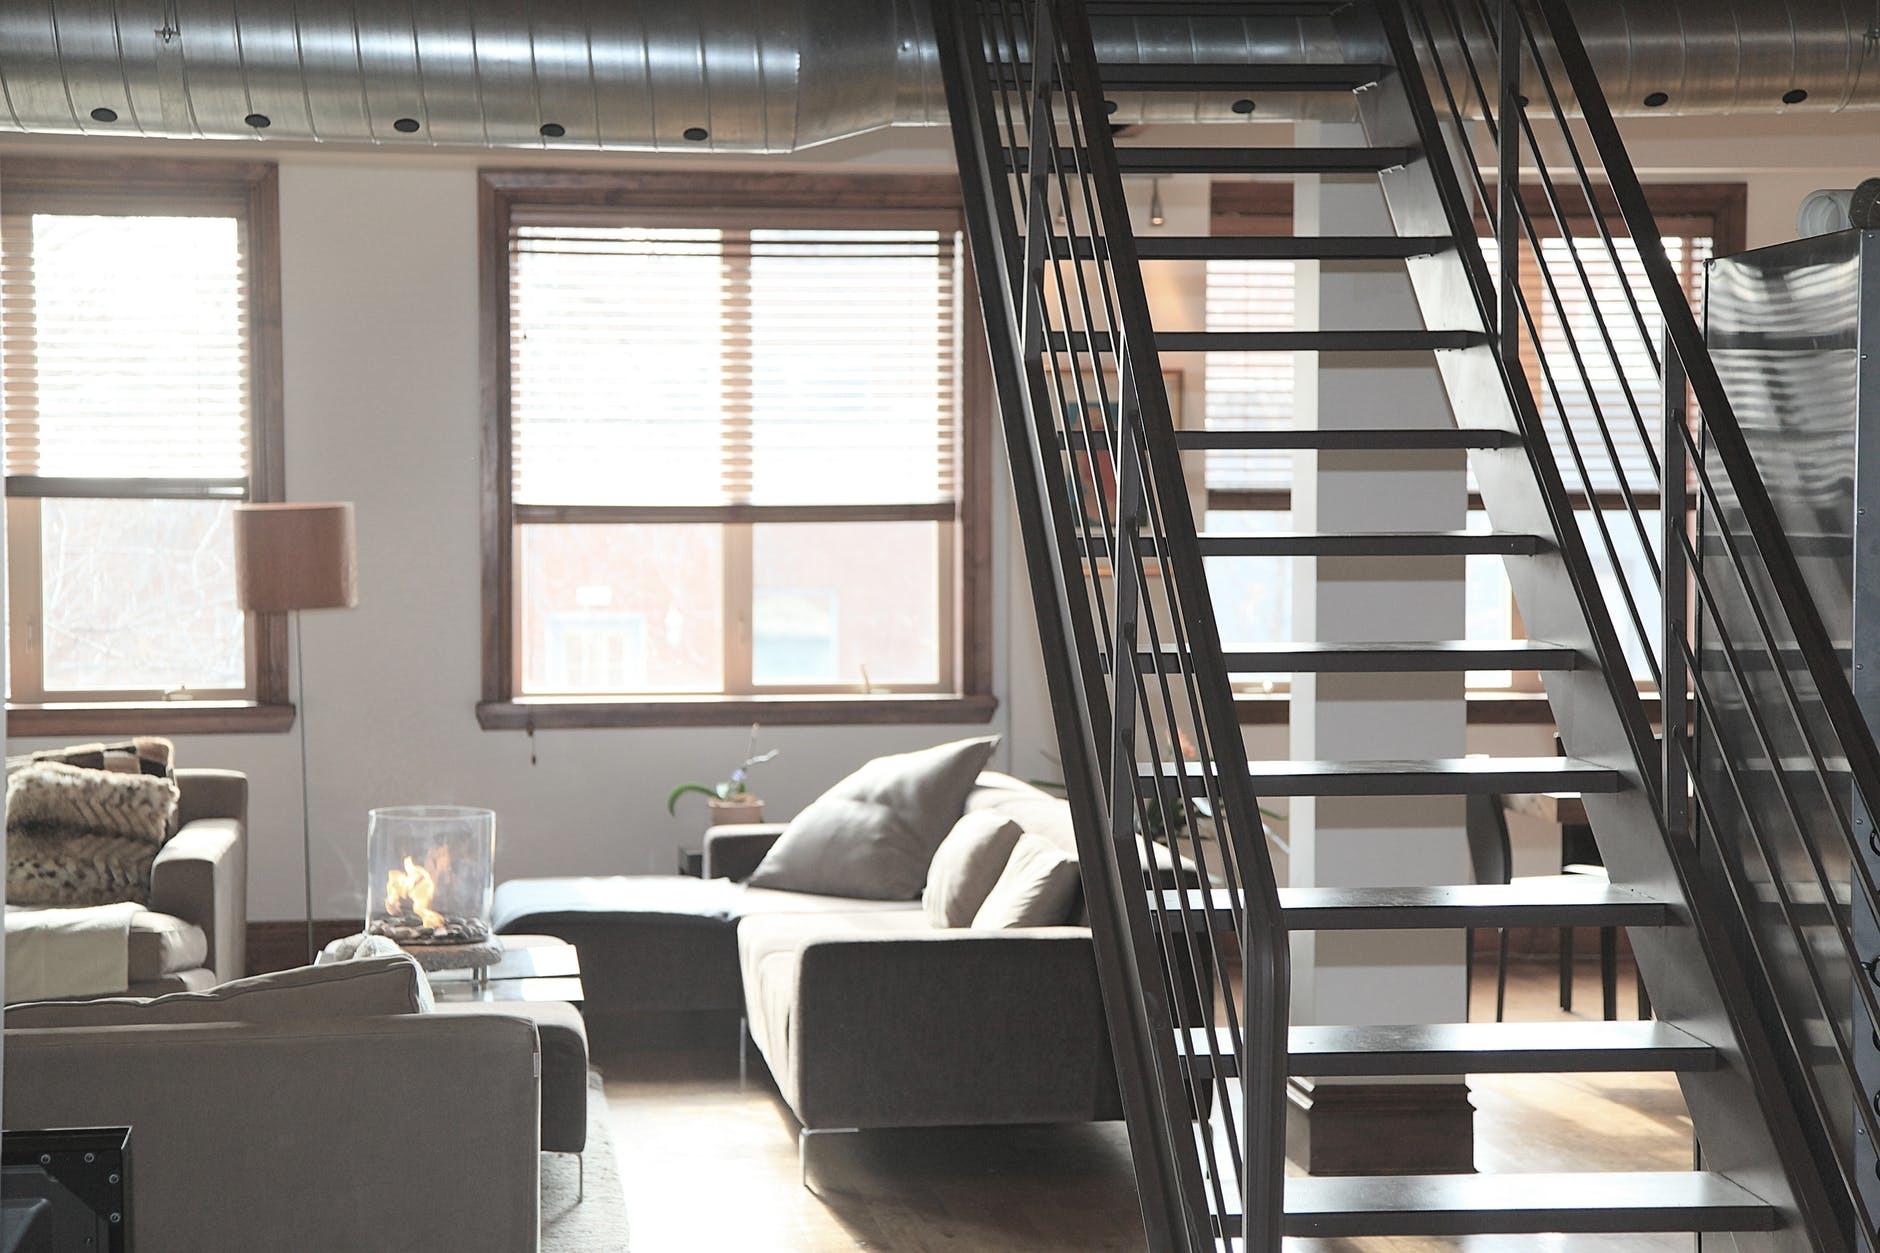 Phong thủy cầu thang phù hợp với thiết kế nhà